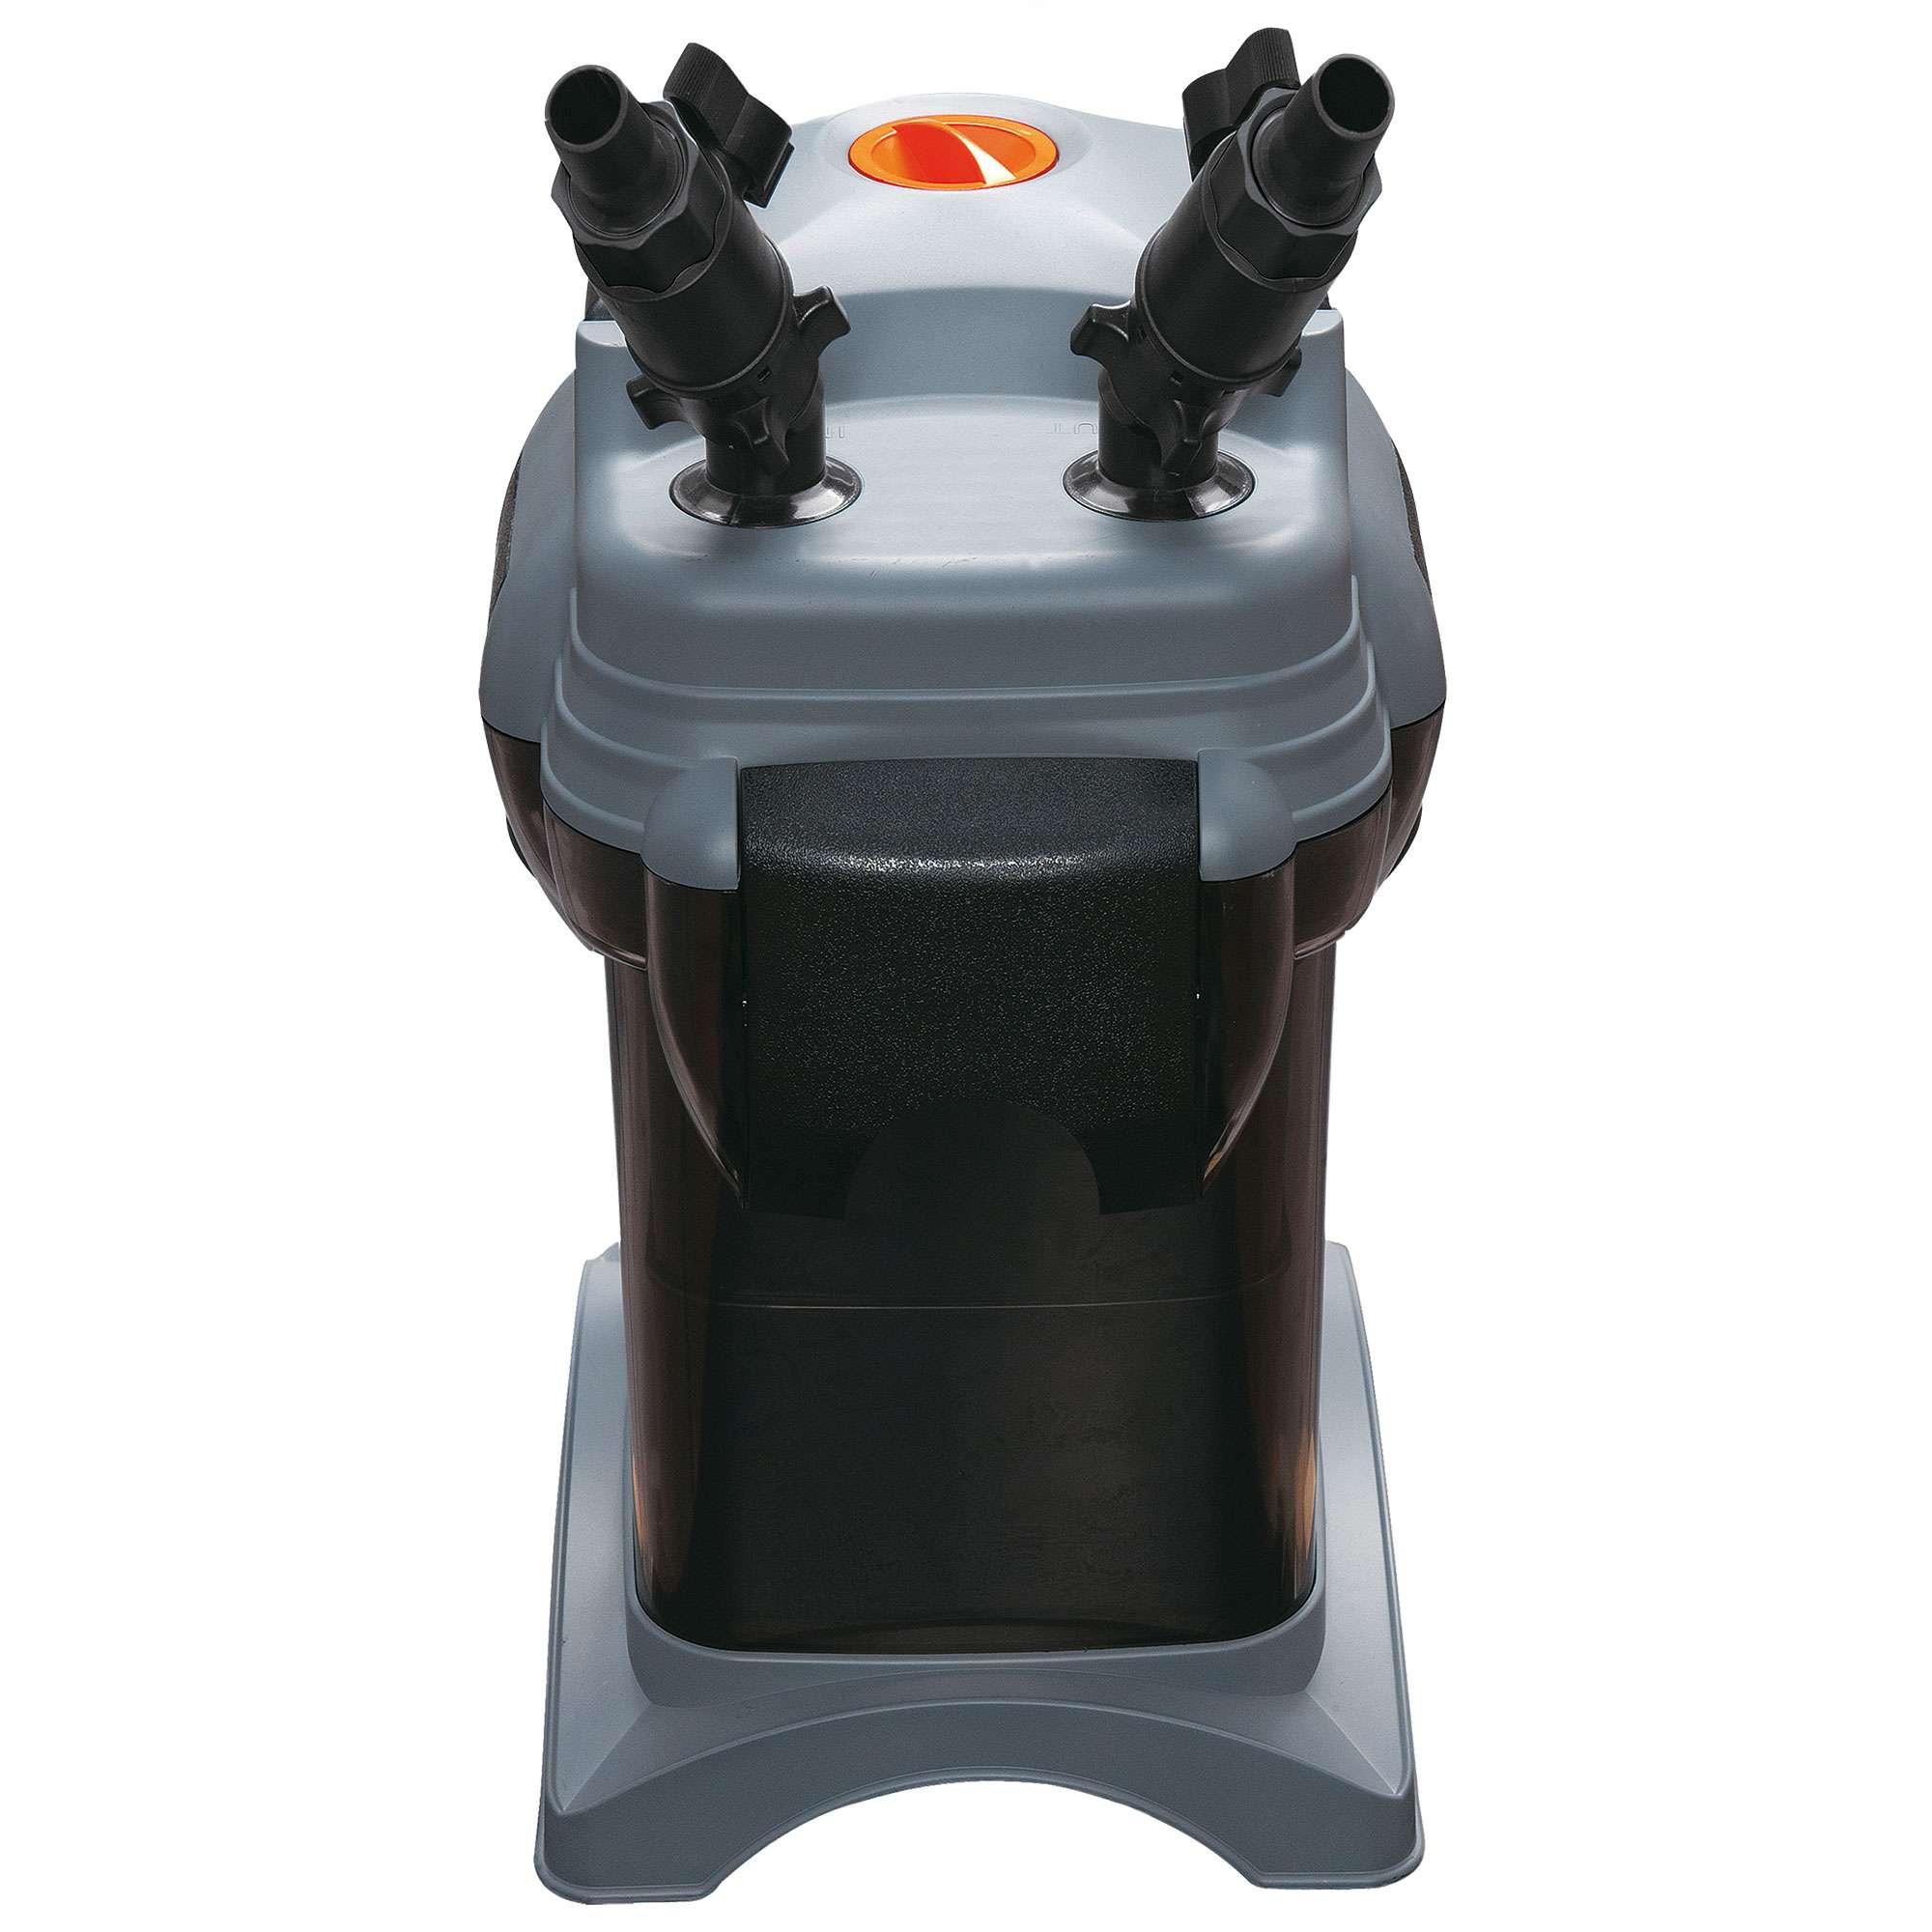 Filtro exterior TURBO-JET  Características:  Caudal regulable y boquillas orientables 360º. Auto-cebado: arranque automático. Incluye cargas. Módulos filtrantes independientes. Silencioso. Asa para su cómoda manipulación.